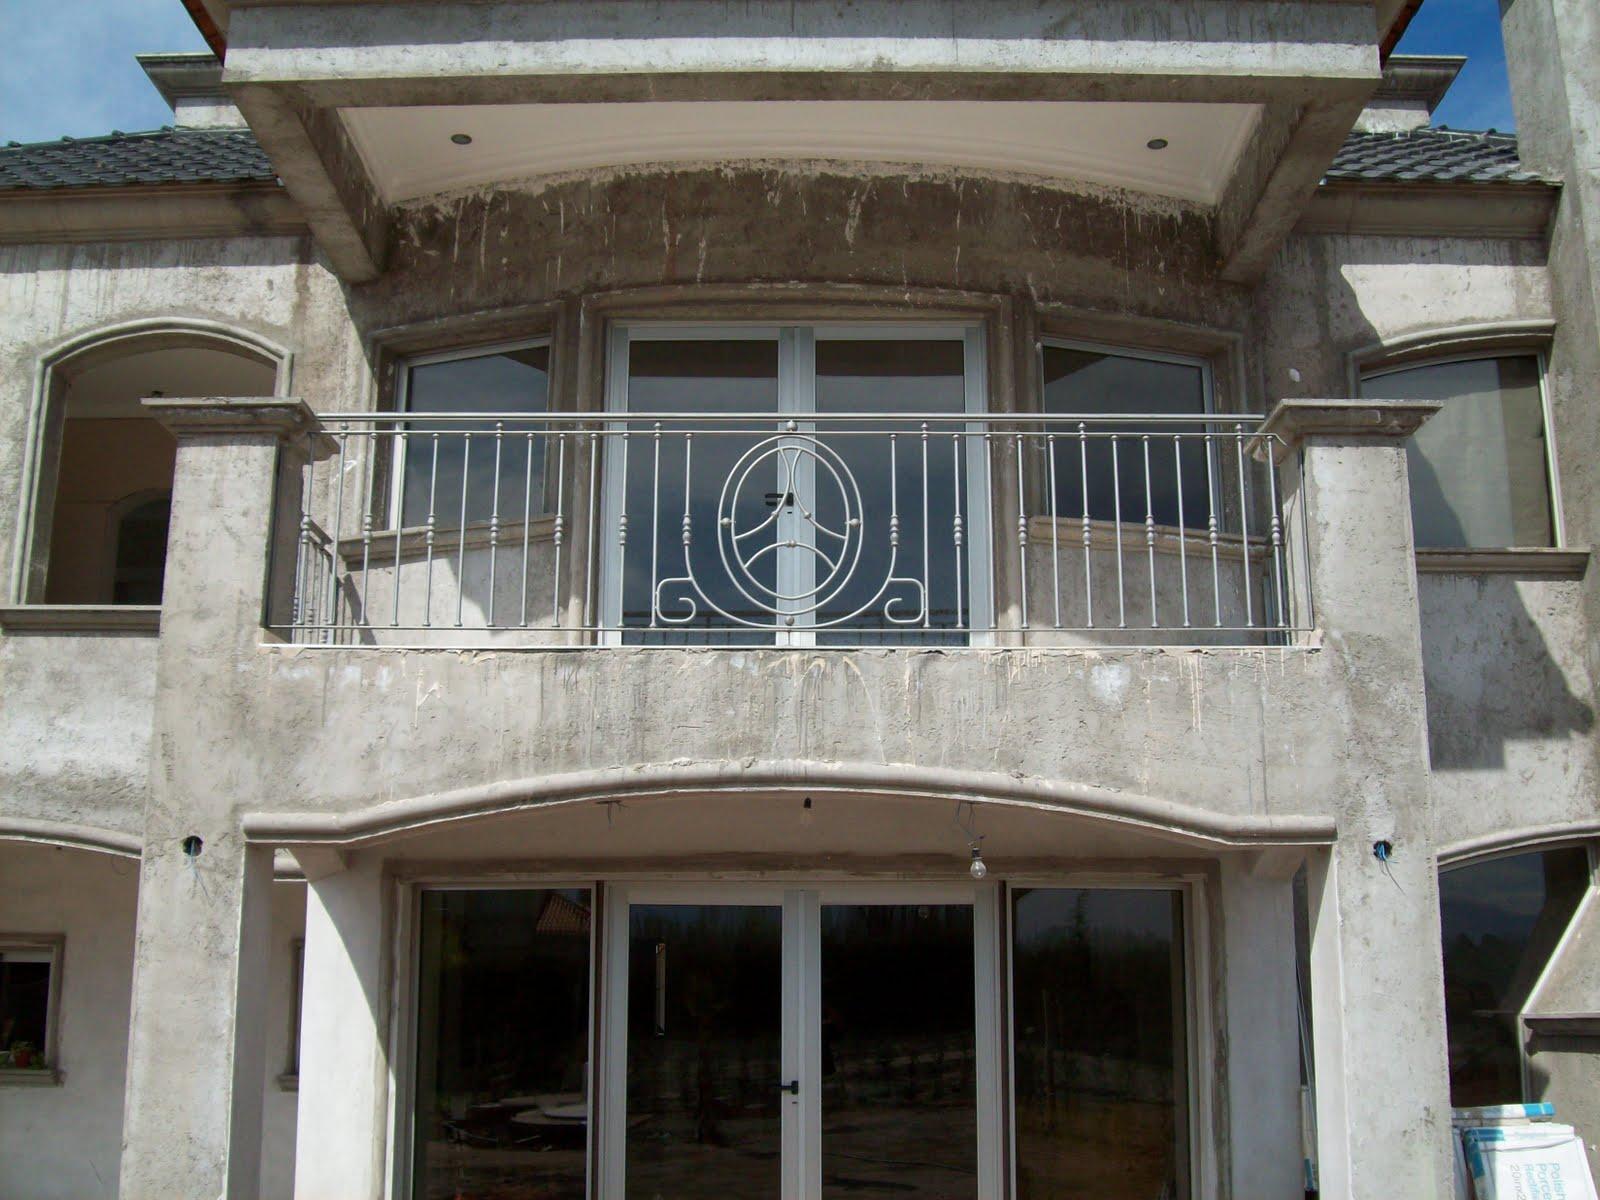 Montaje puertas todo tipo rejas barandas tanto hierro - Rejas para balcones ...